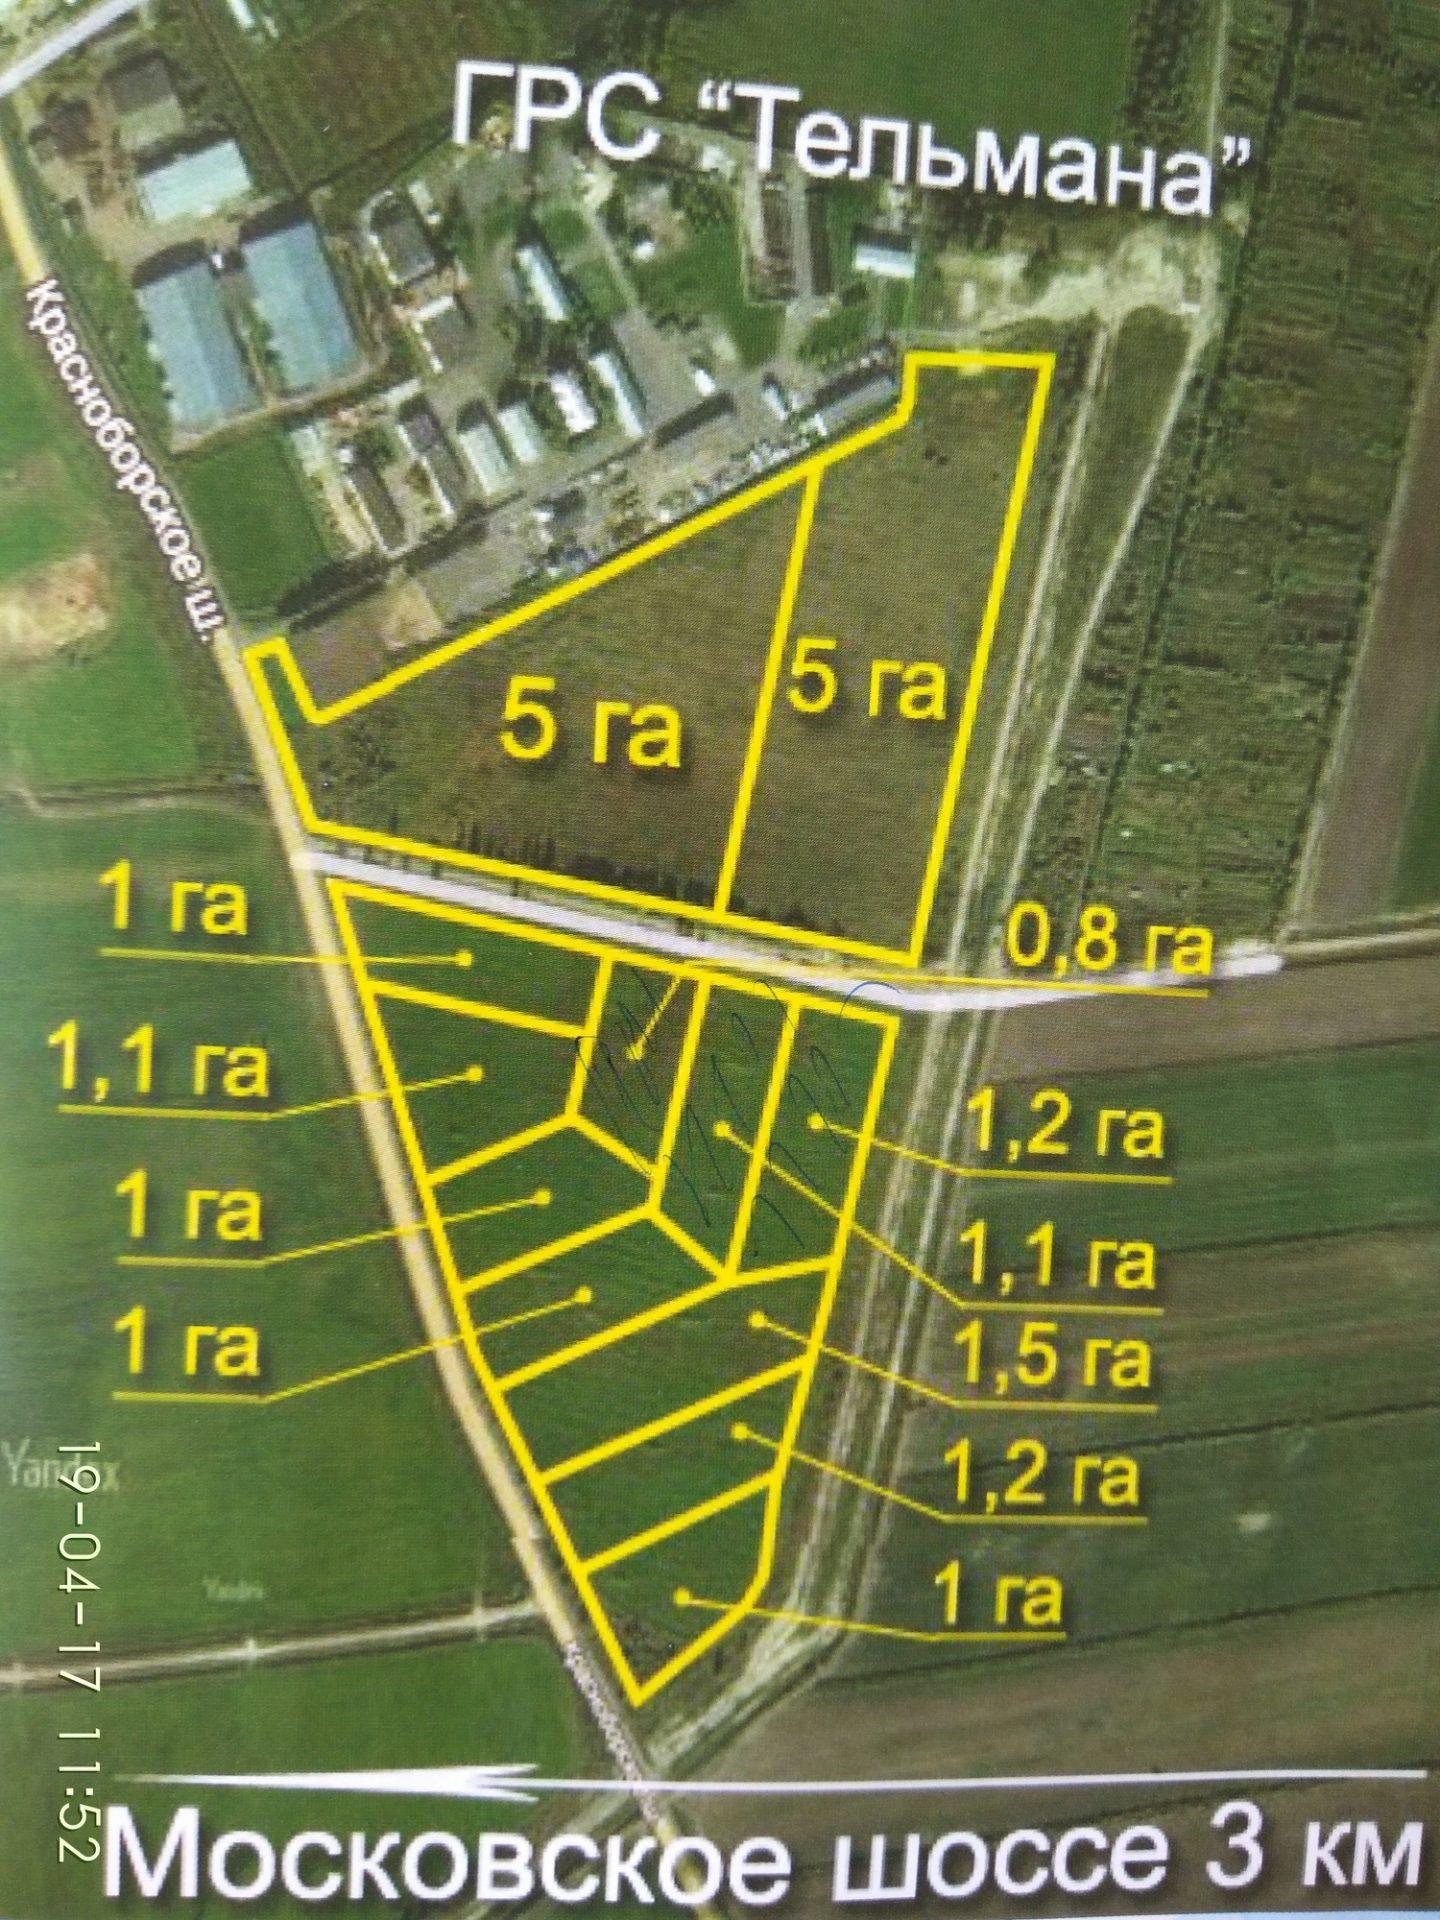 Продается земля пром назначения для производственно-складских объектов до 4 класса, п.Тельмана.